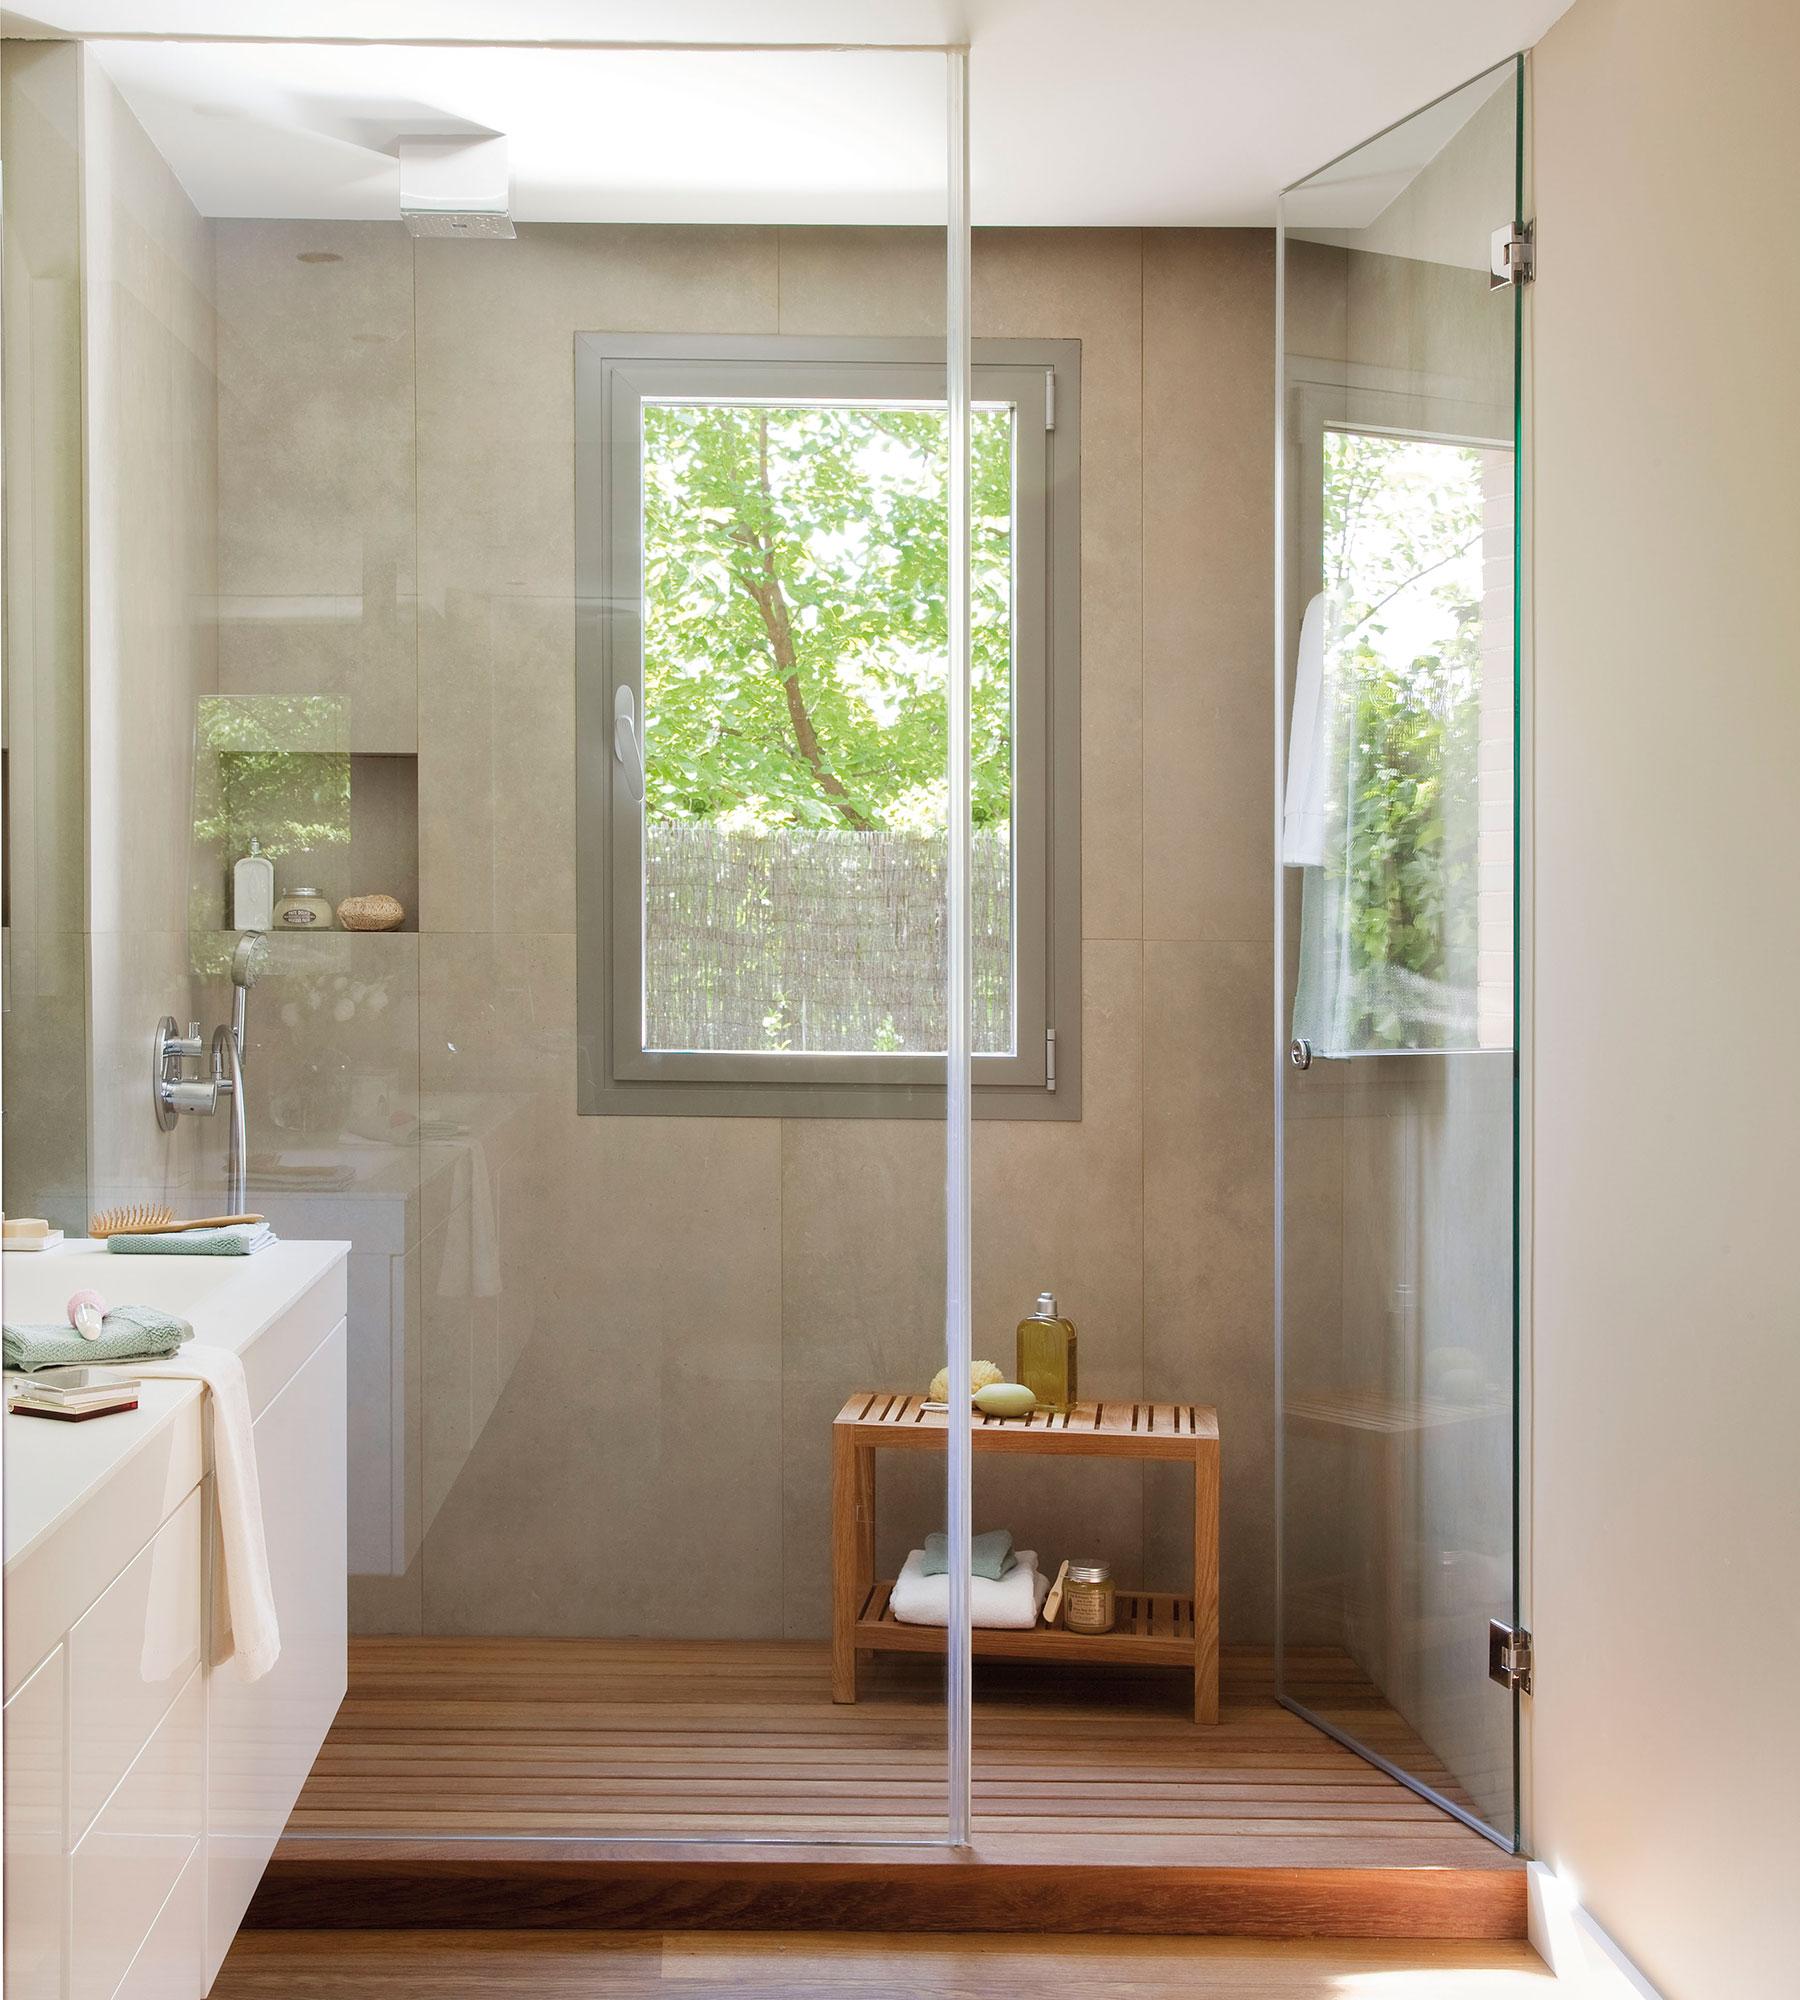 bao con gran gran ducha a medida ventana y tarima de madera en - Duchas Grandes